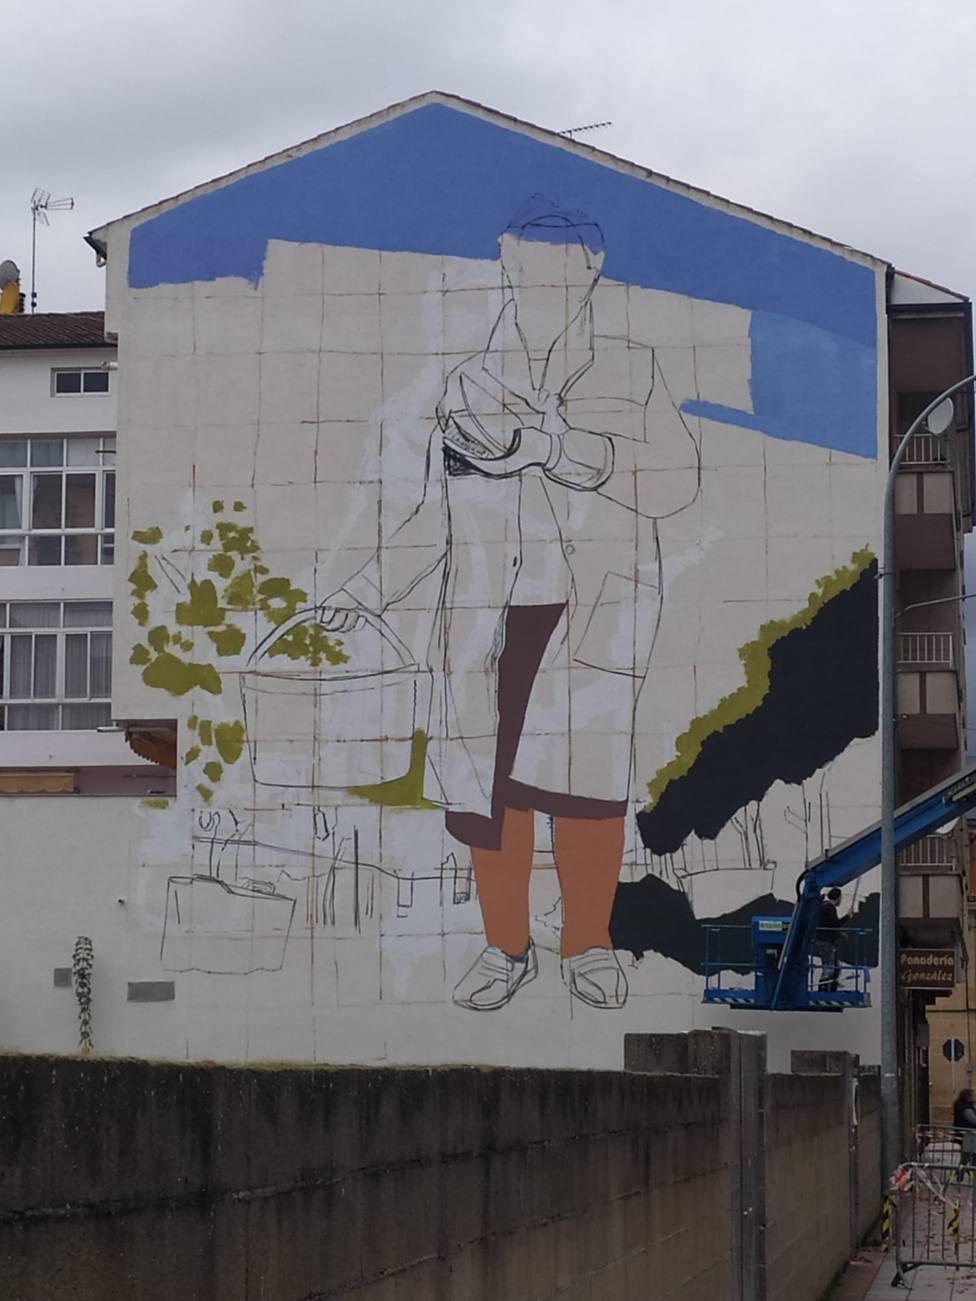 El mural ocupa la fachada lateral de un edificio de la calle Hermanos Moreno